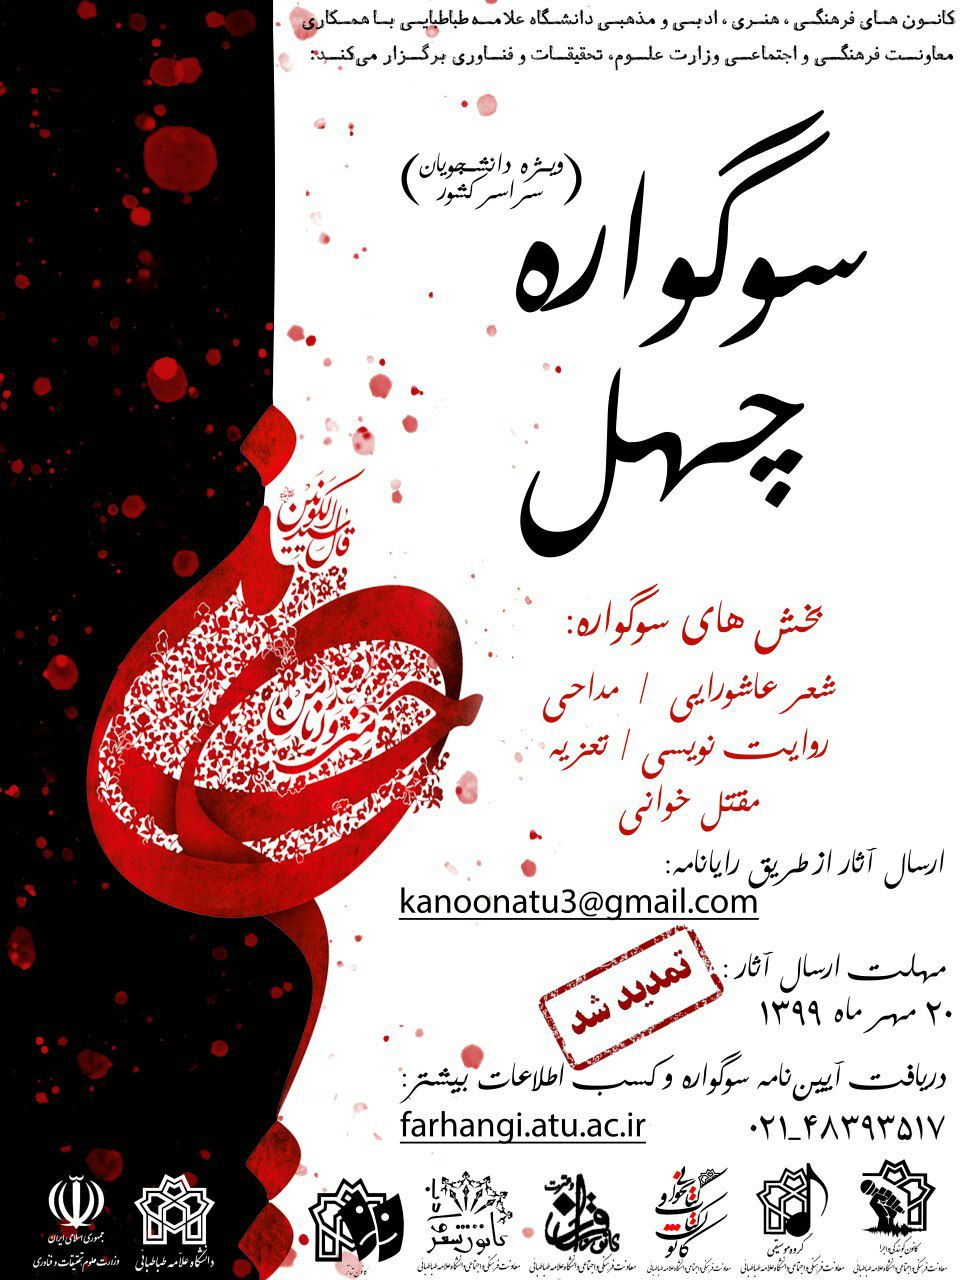 مهلت ارسال آثار به جشنواره «سوگواره چهل» تا ۲۰ مهرماه تمدید شد